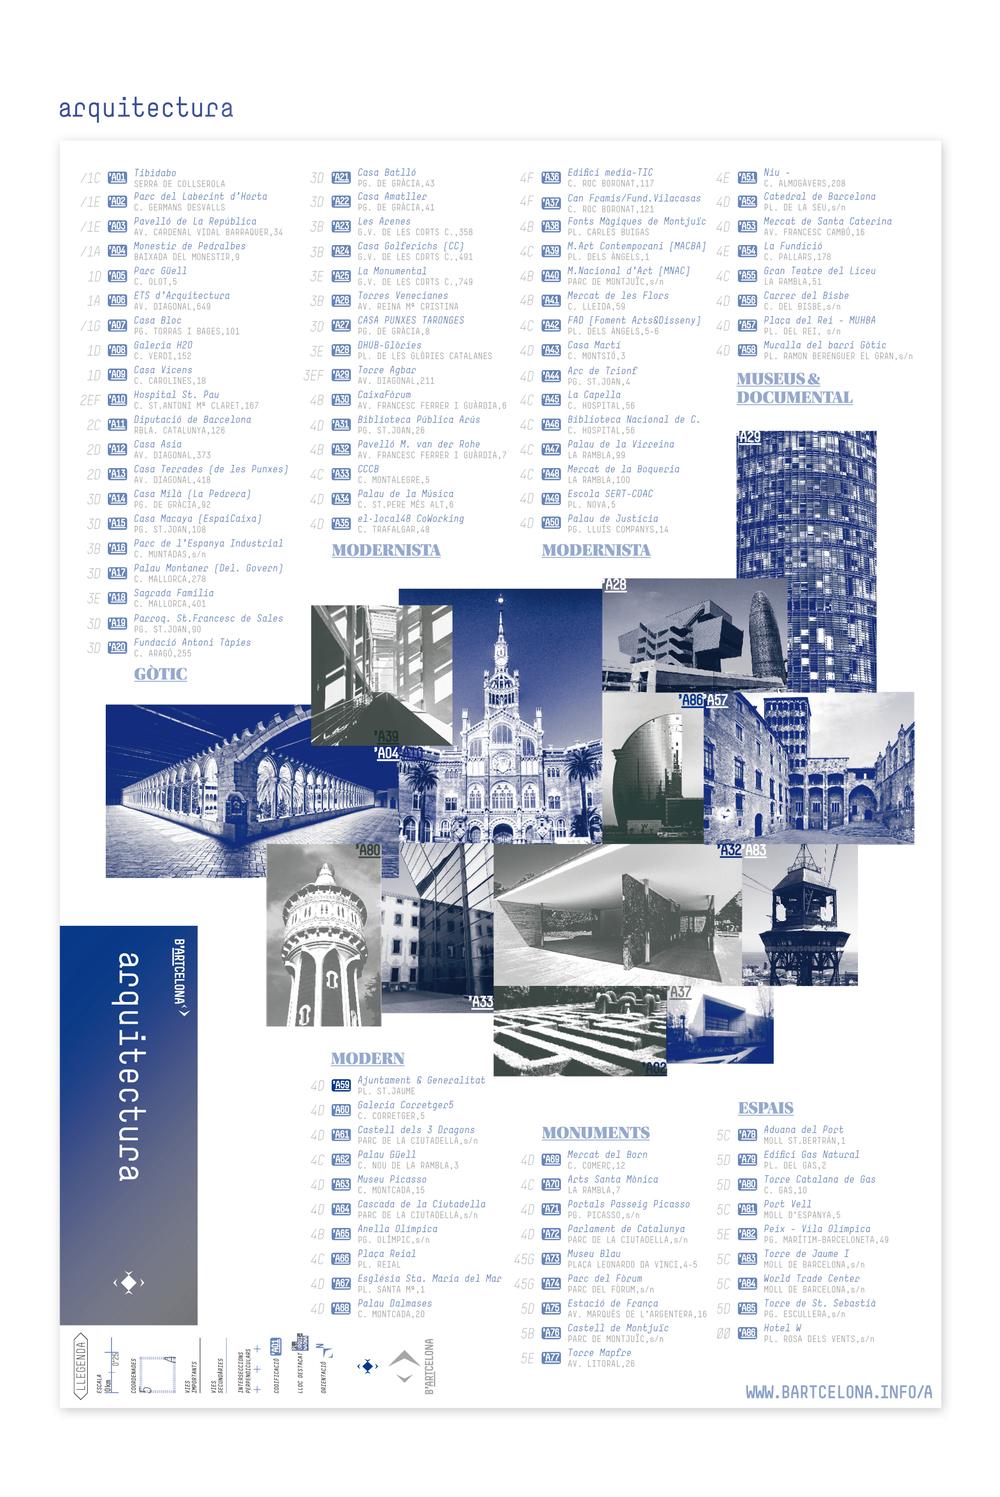 arquitectura_revers_mapaA.jpg